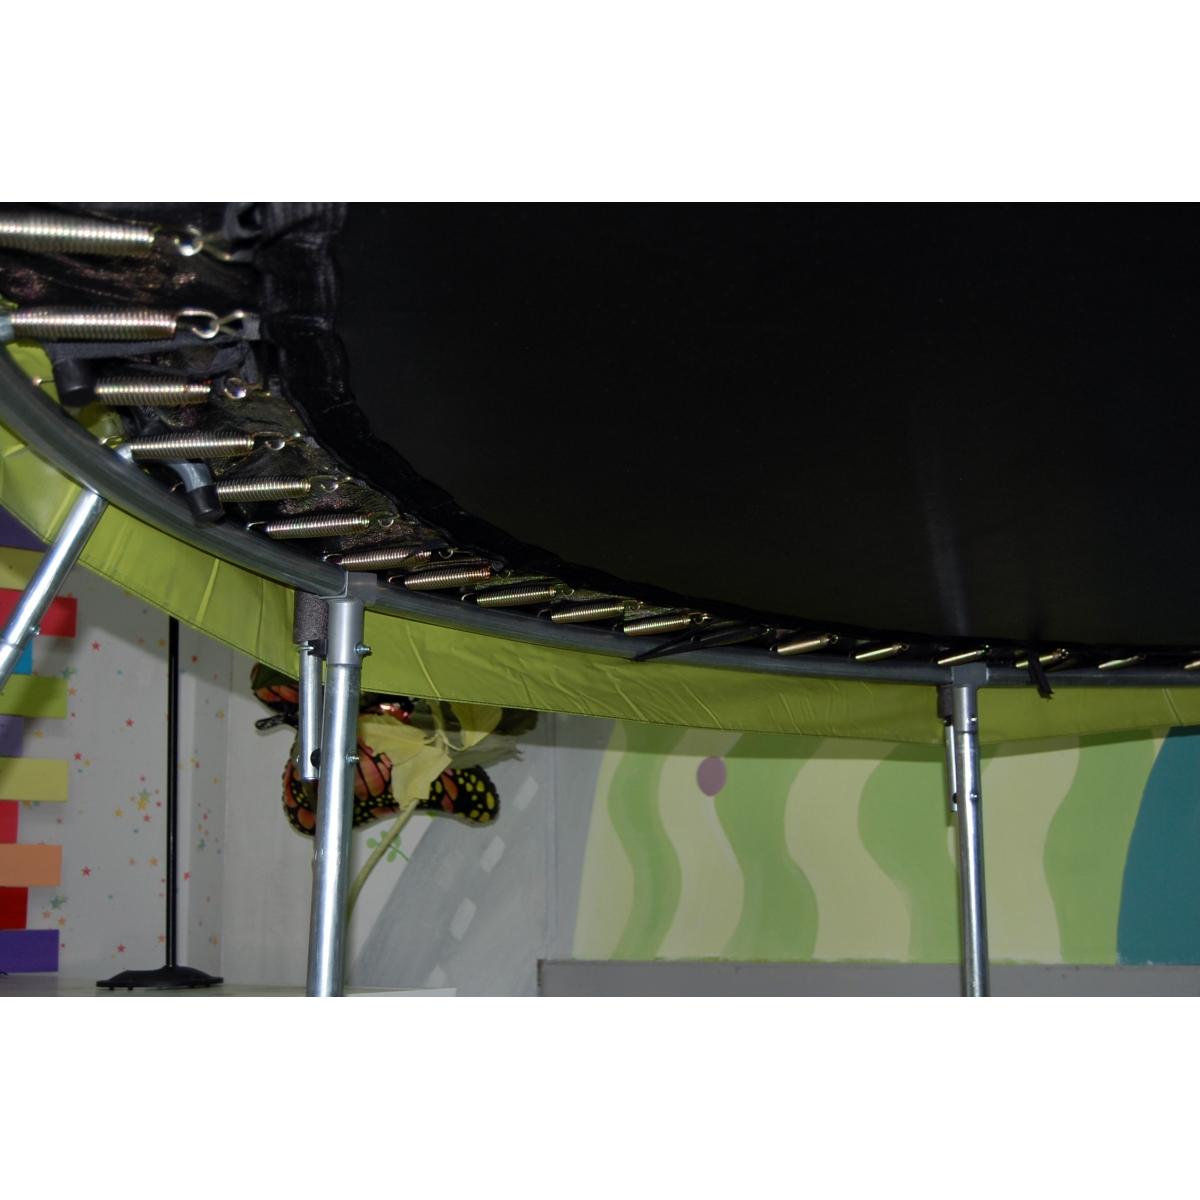 Батут Atlas Sport 312 см Мастер с внутренней сеткой и лестницей на 8 стоек